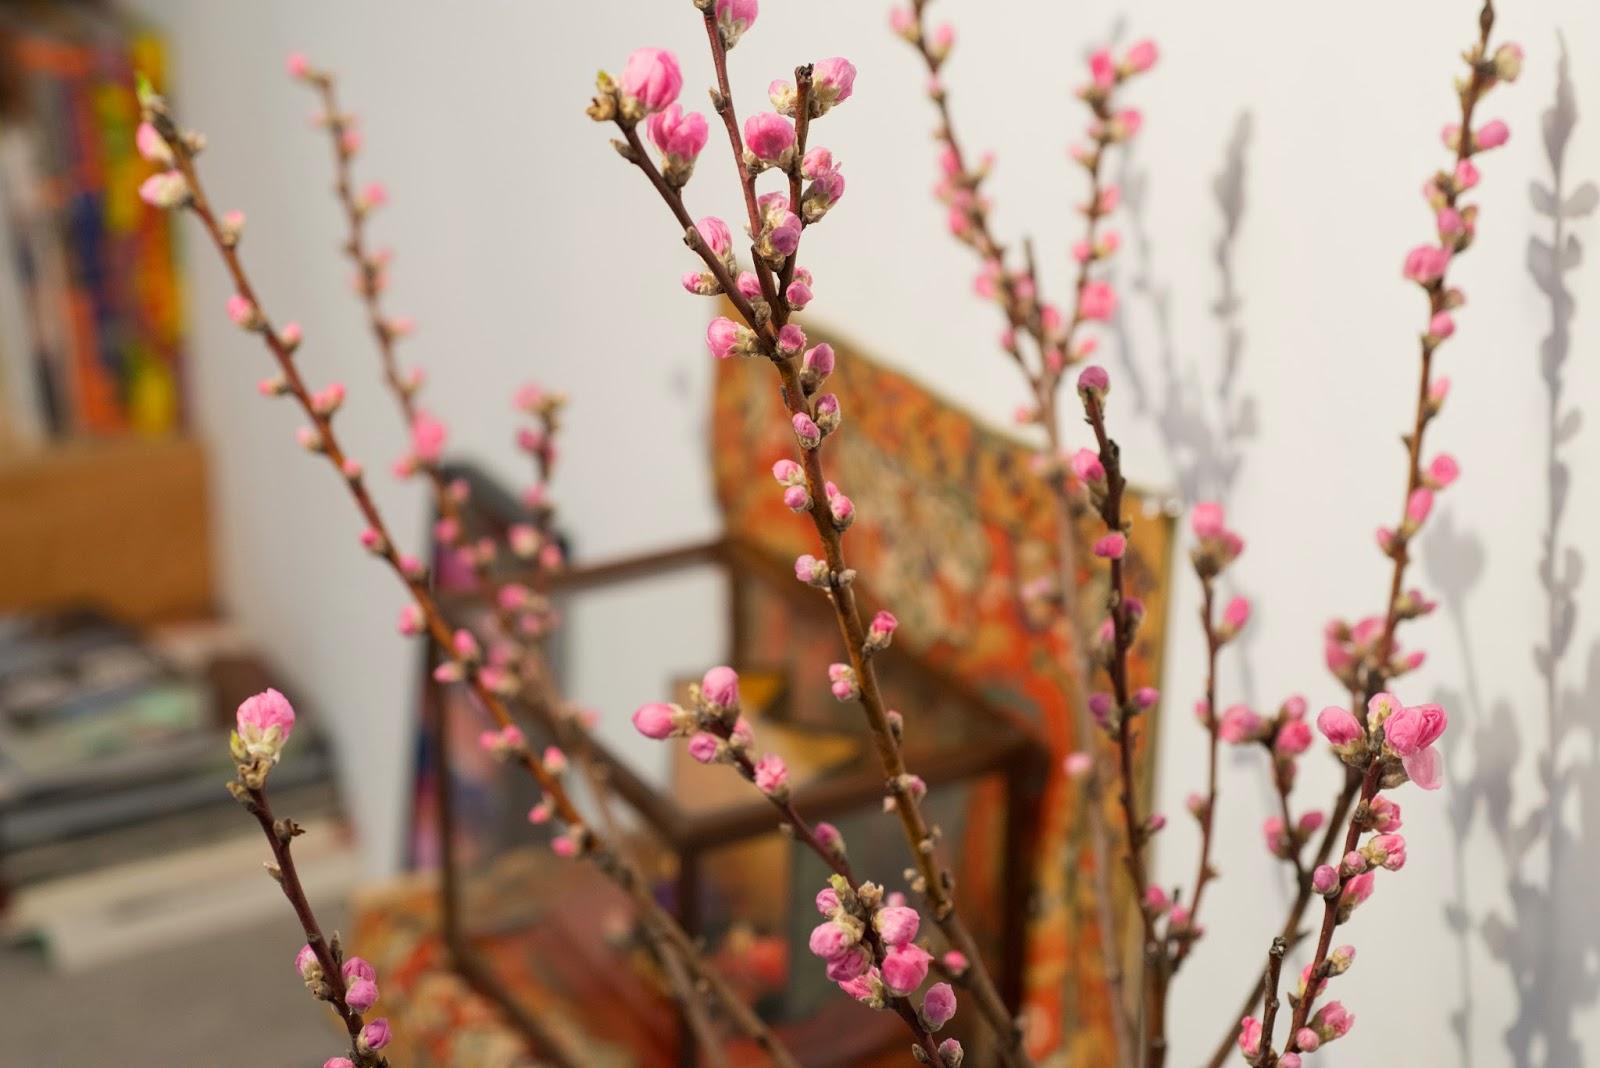 店内の桃の木